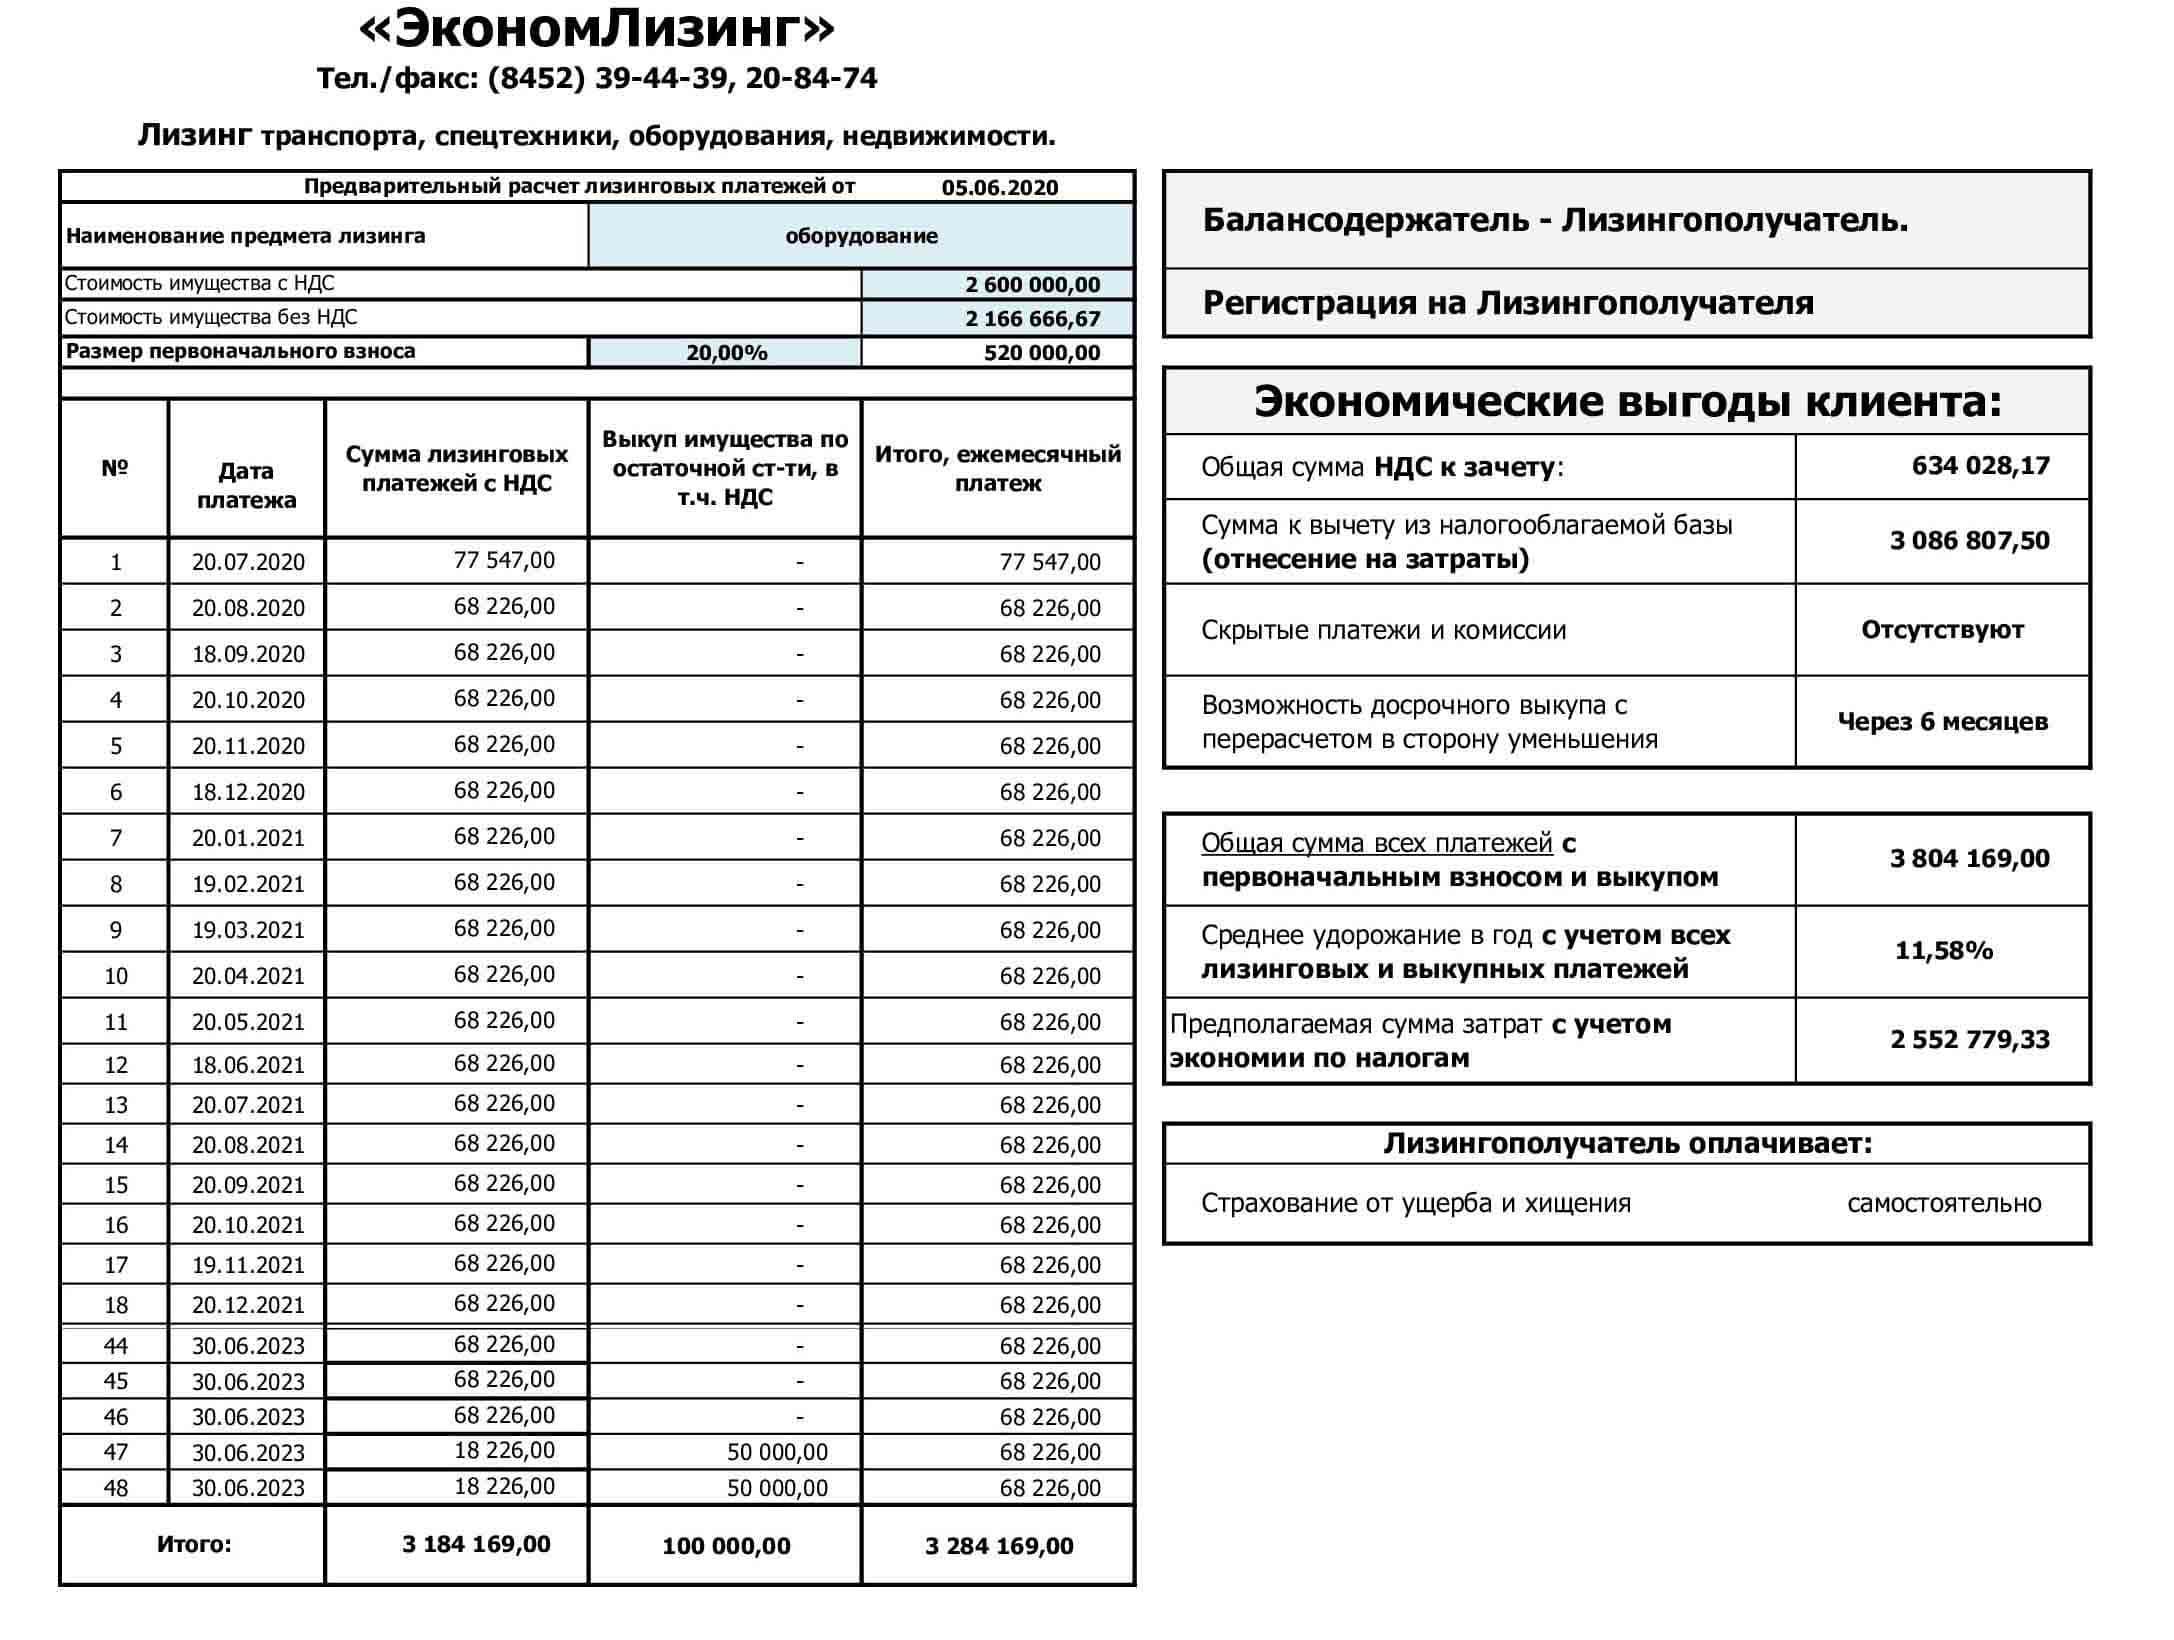 Авто мойка в лизинг в России